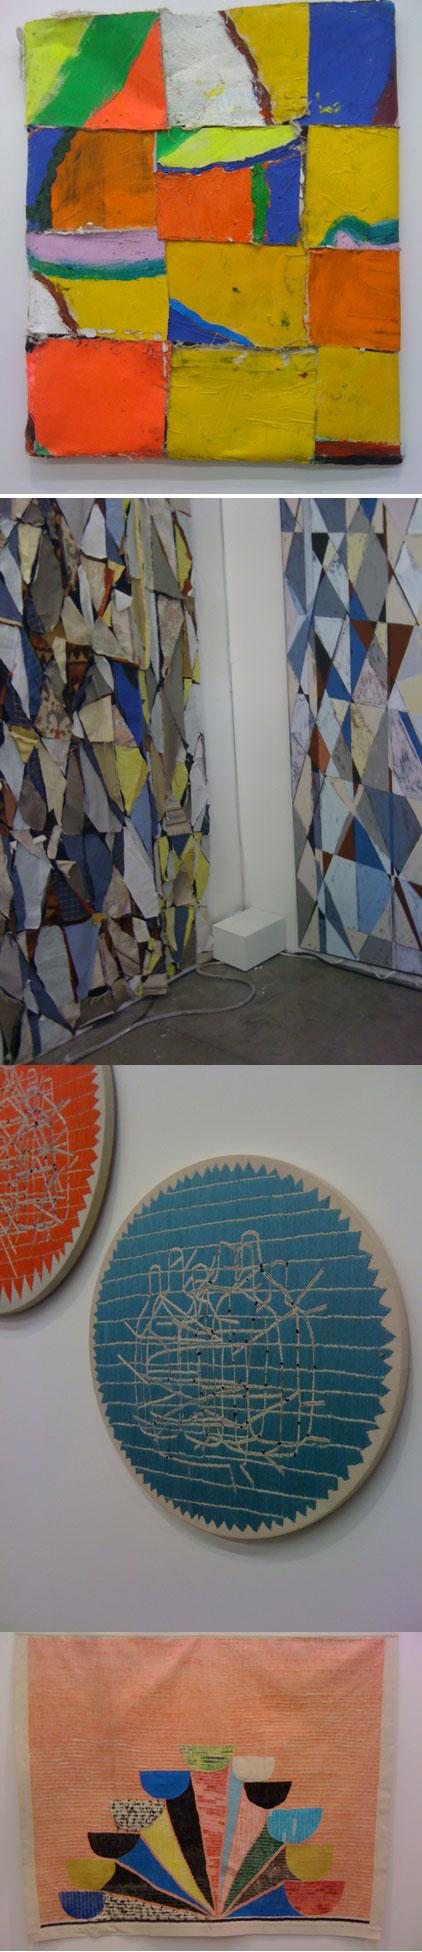 art_fair